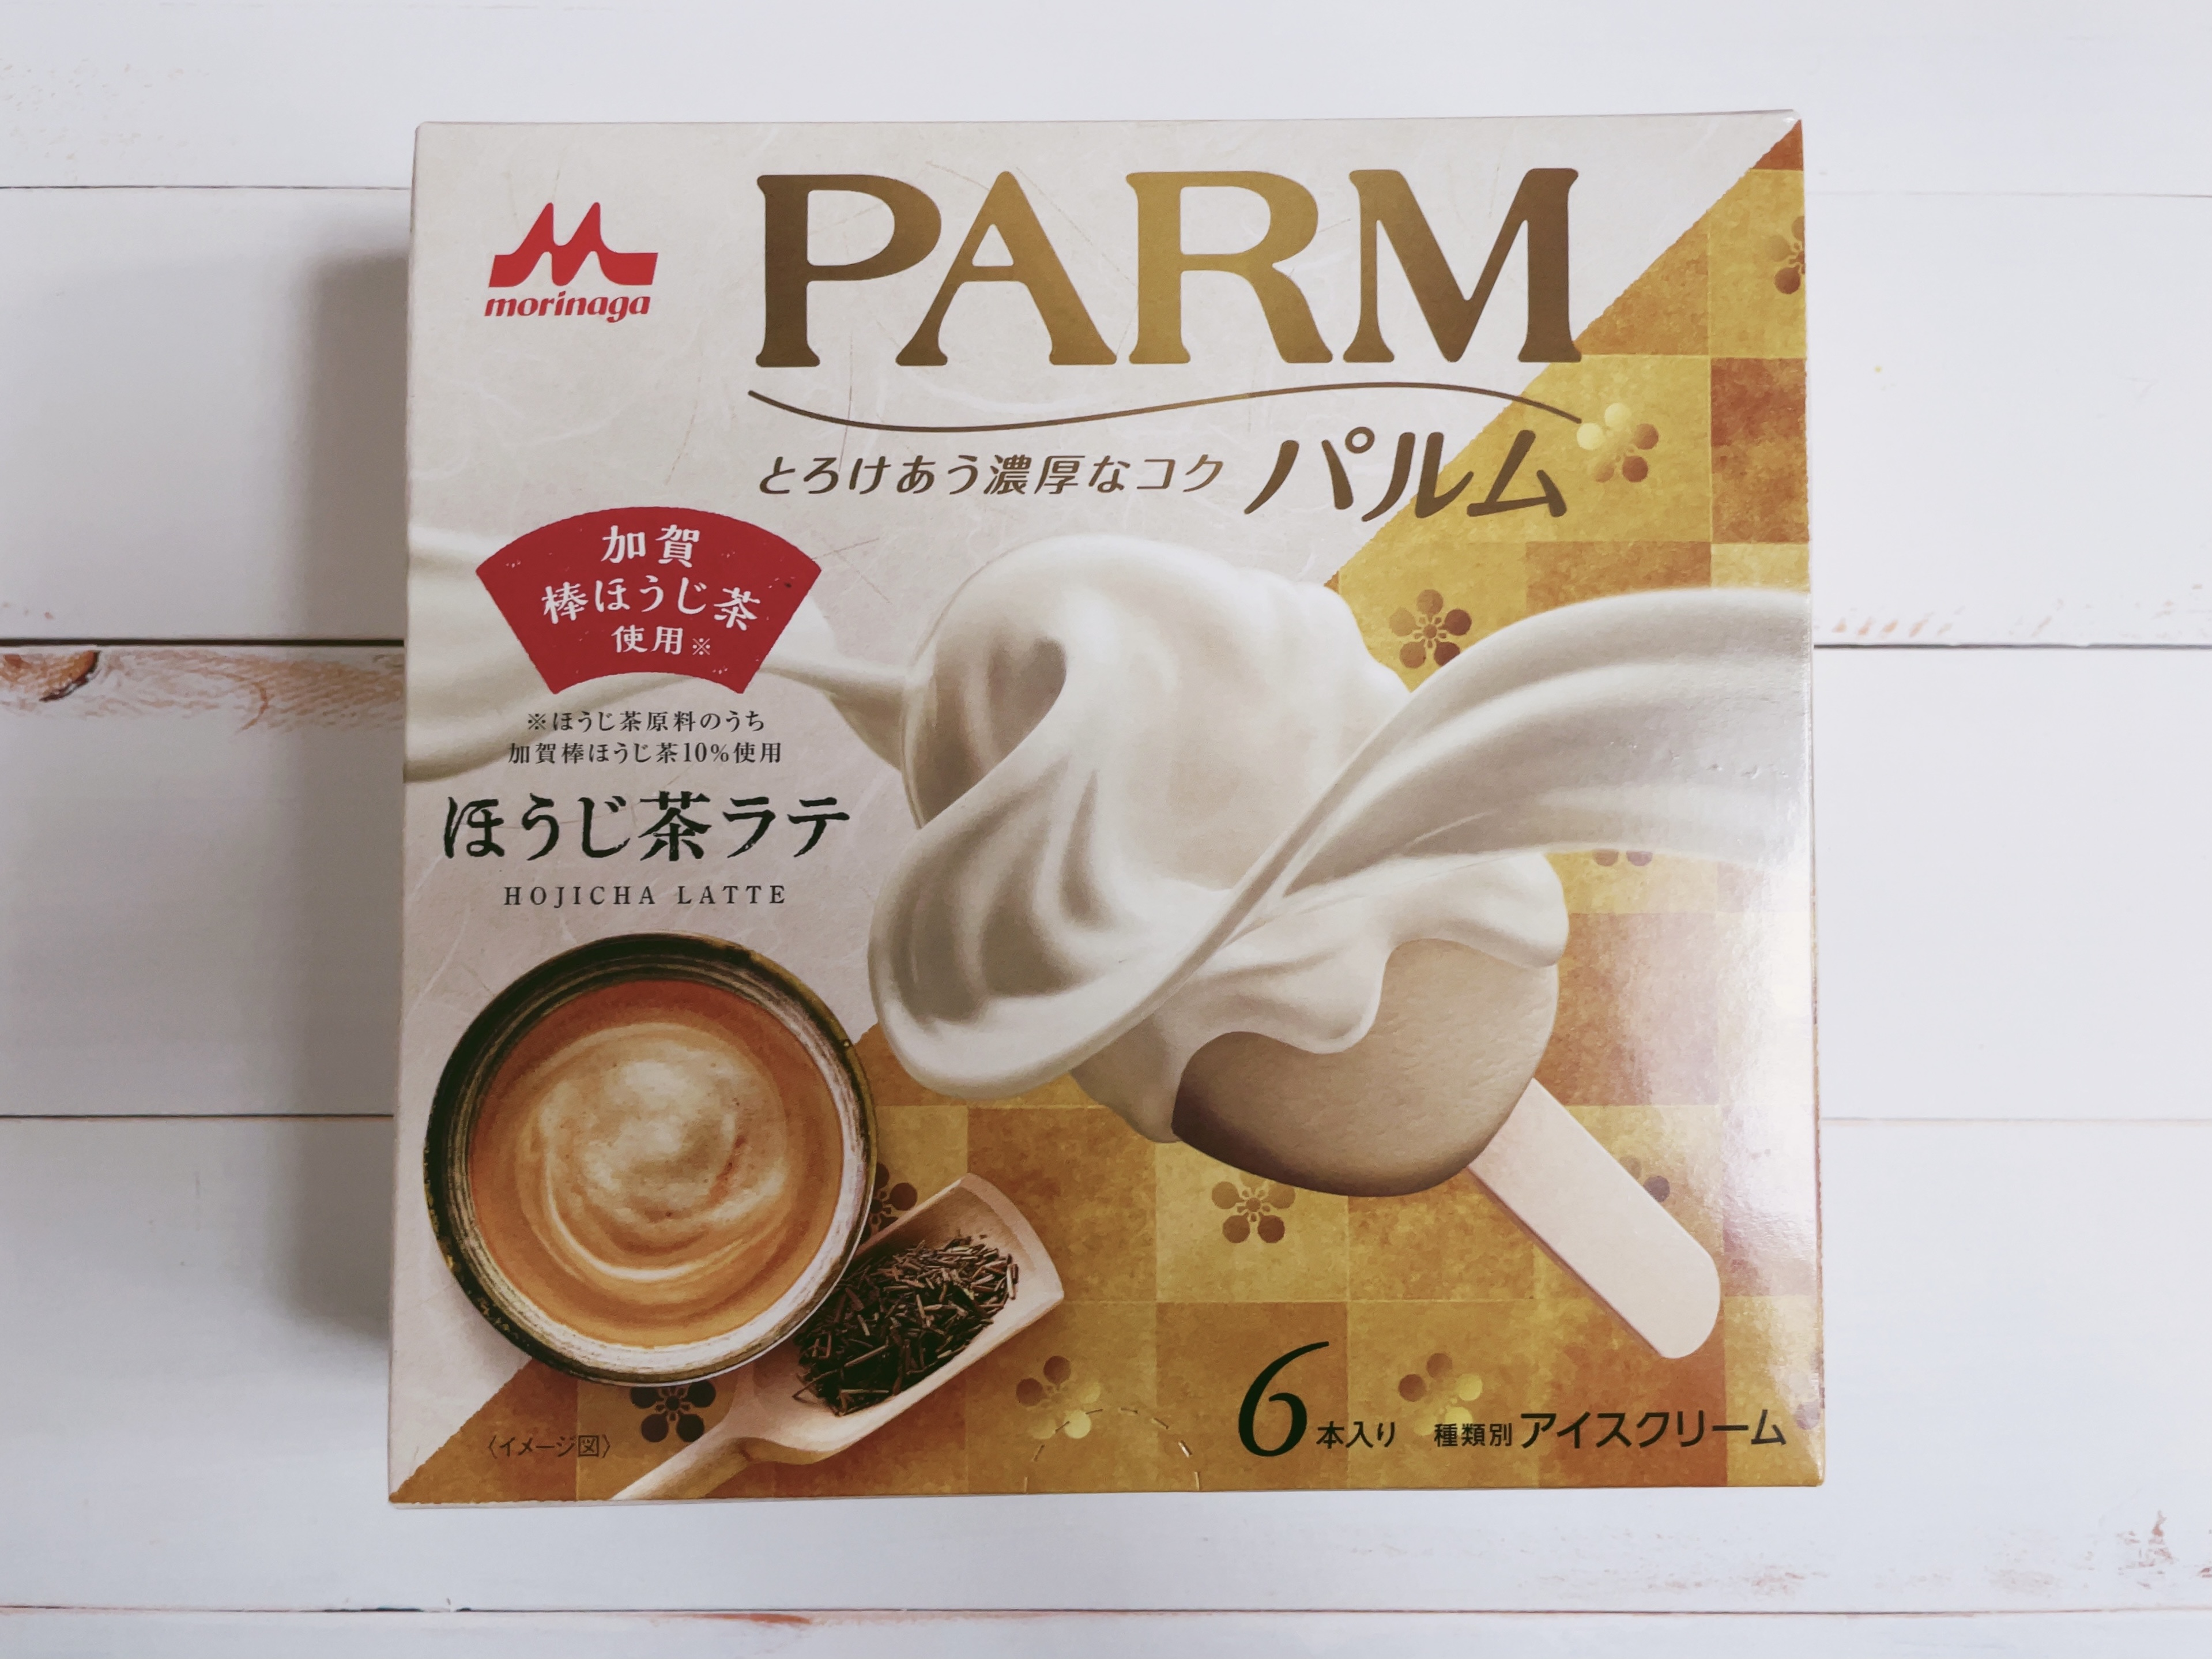 PARM(パルム)のほうじ茶ラテ